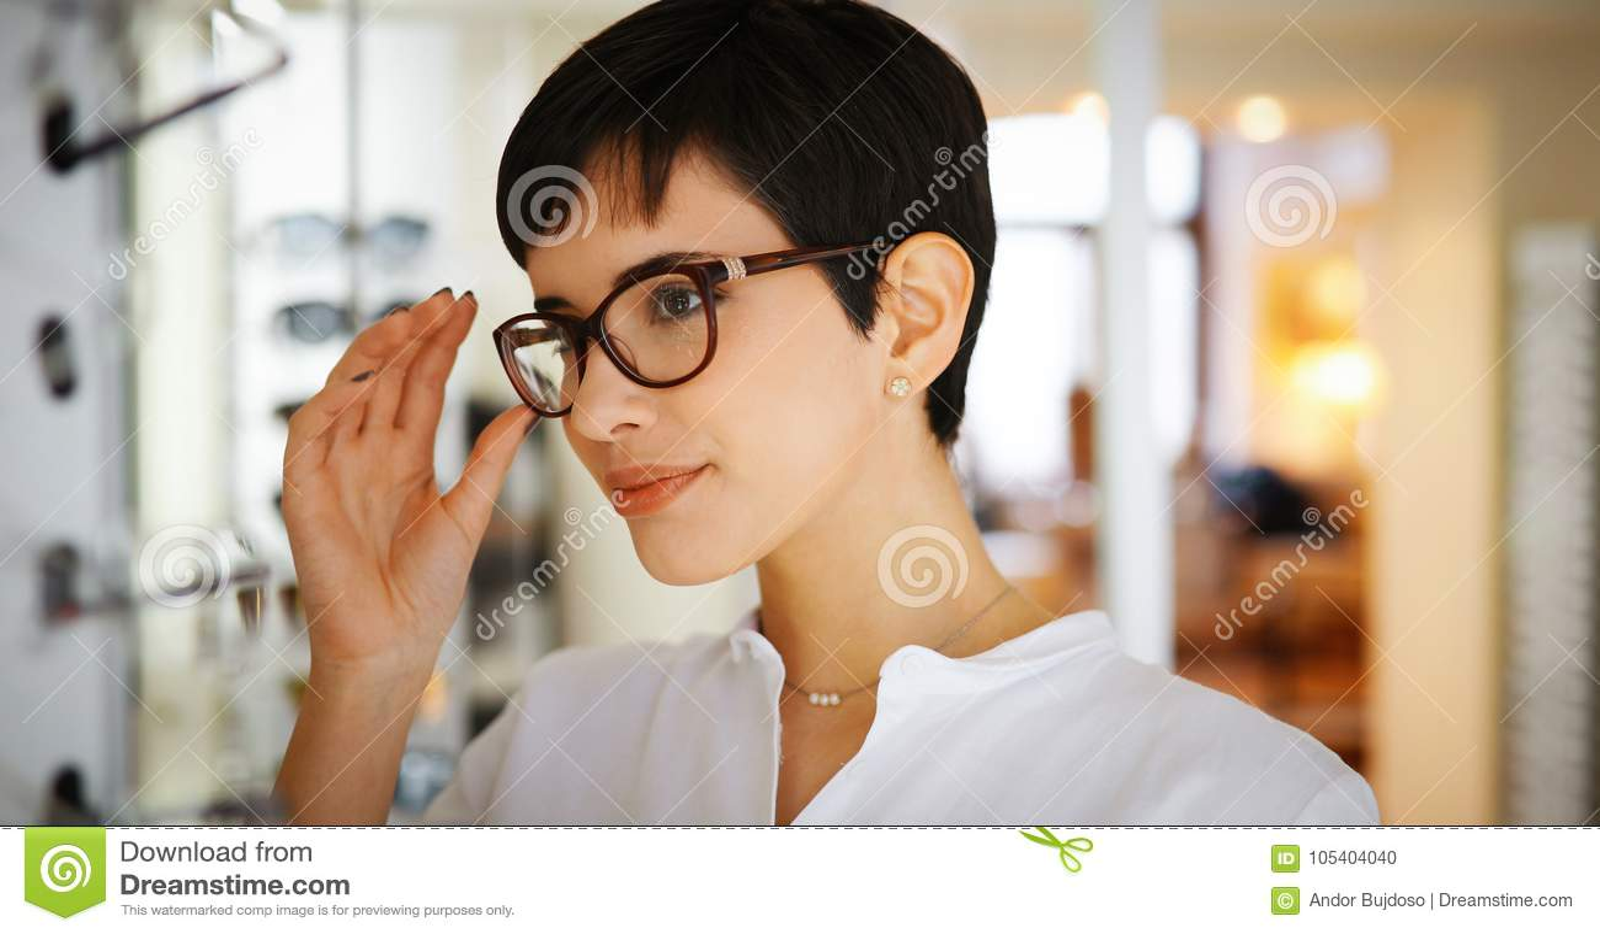 100% de haute qualité mode attrayante images officielles La Jolie Jeune Femme Choisit De Nouveaux Verres Au Magasin D ...